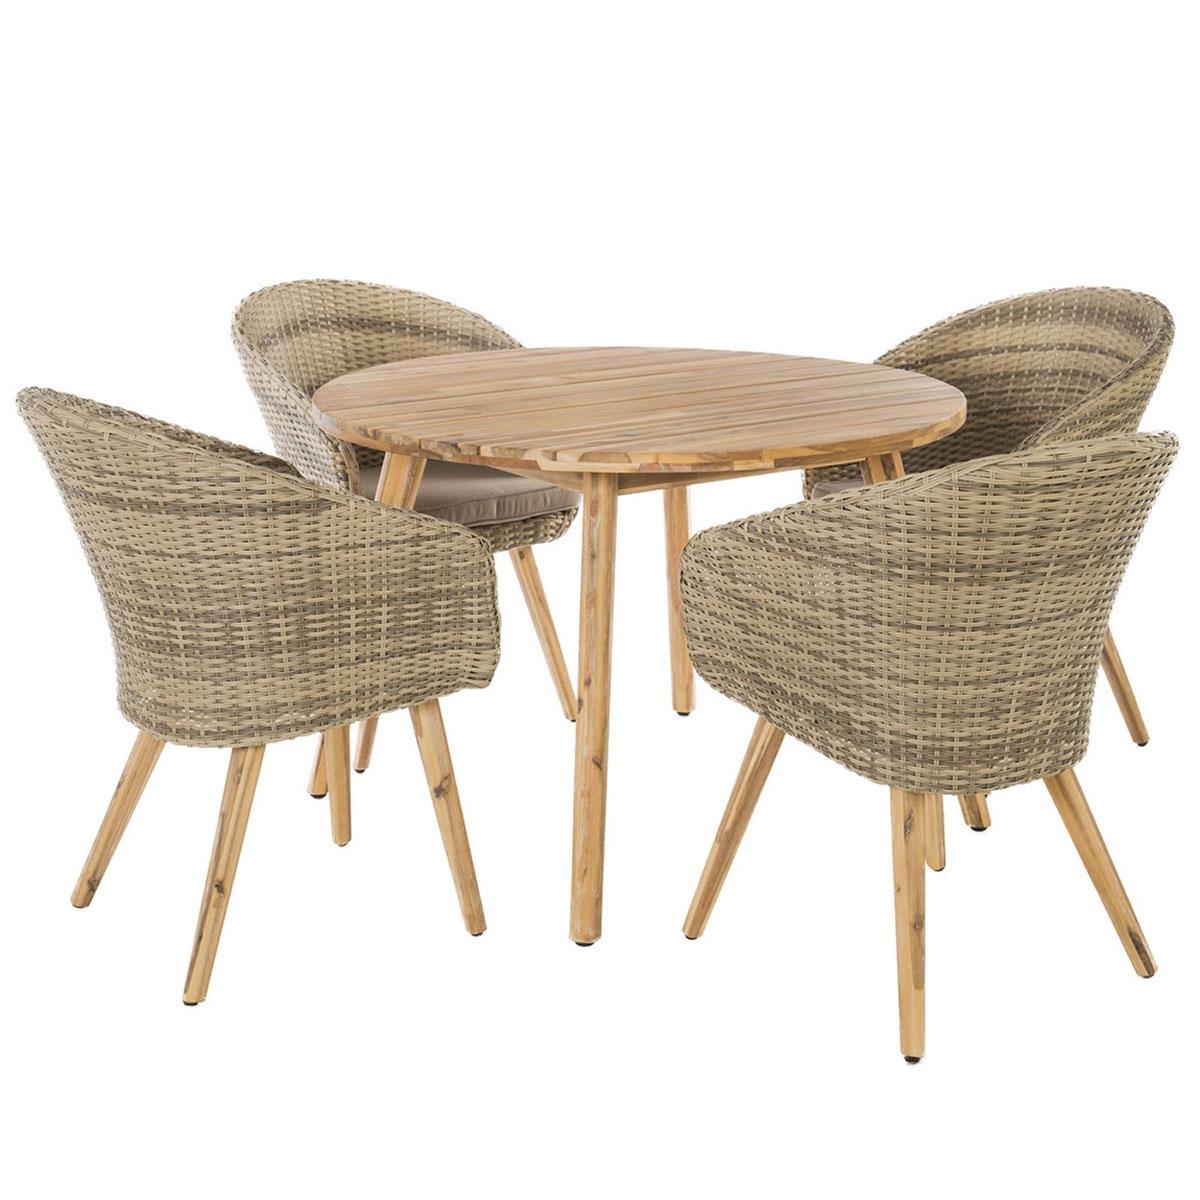 Salon de jardin avec fauteuils en rotin et acacia - Naturel - 60 x 63 x 84 cm